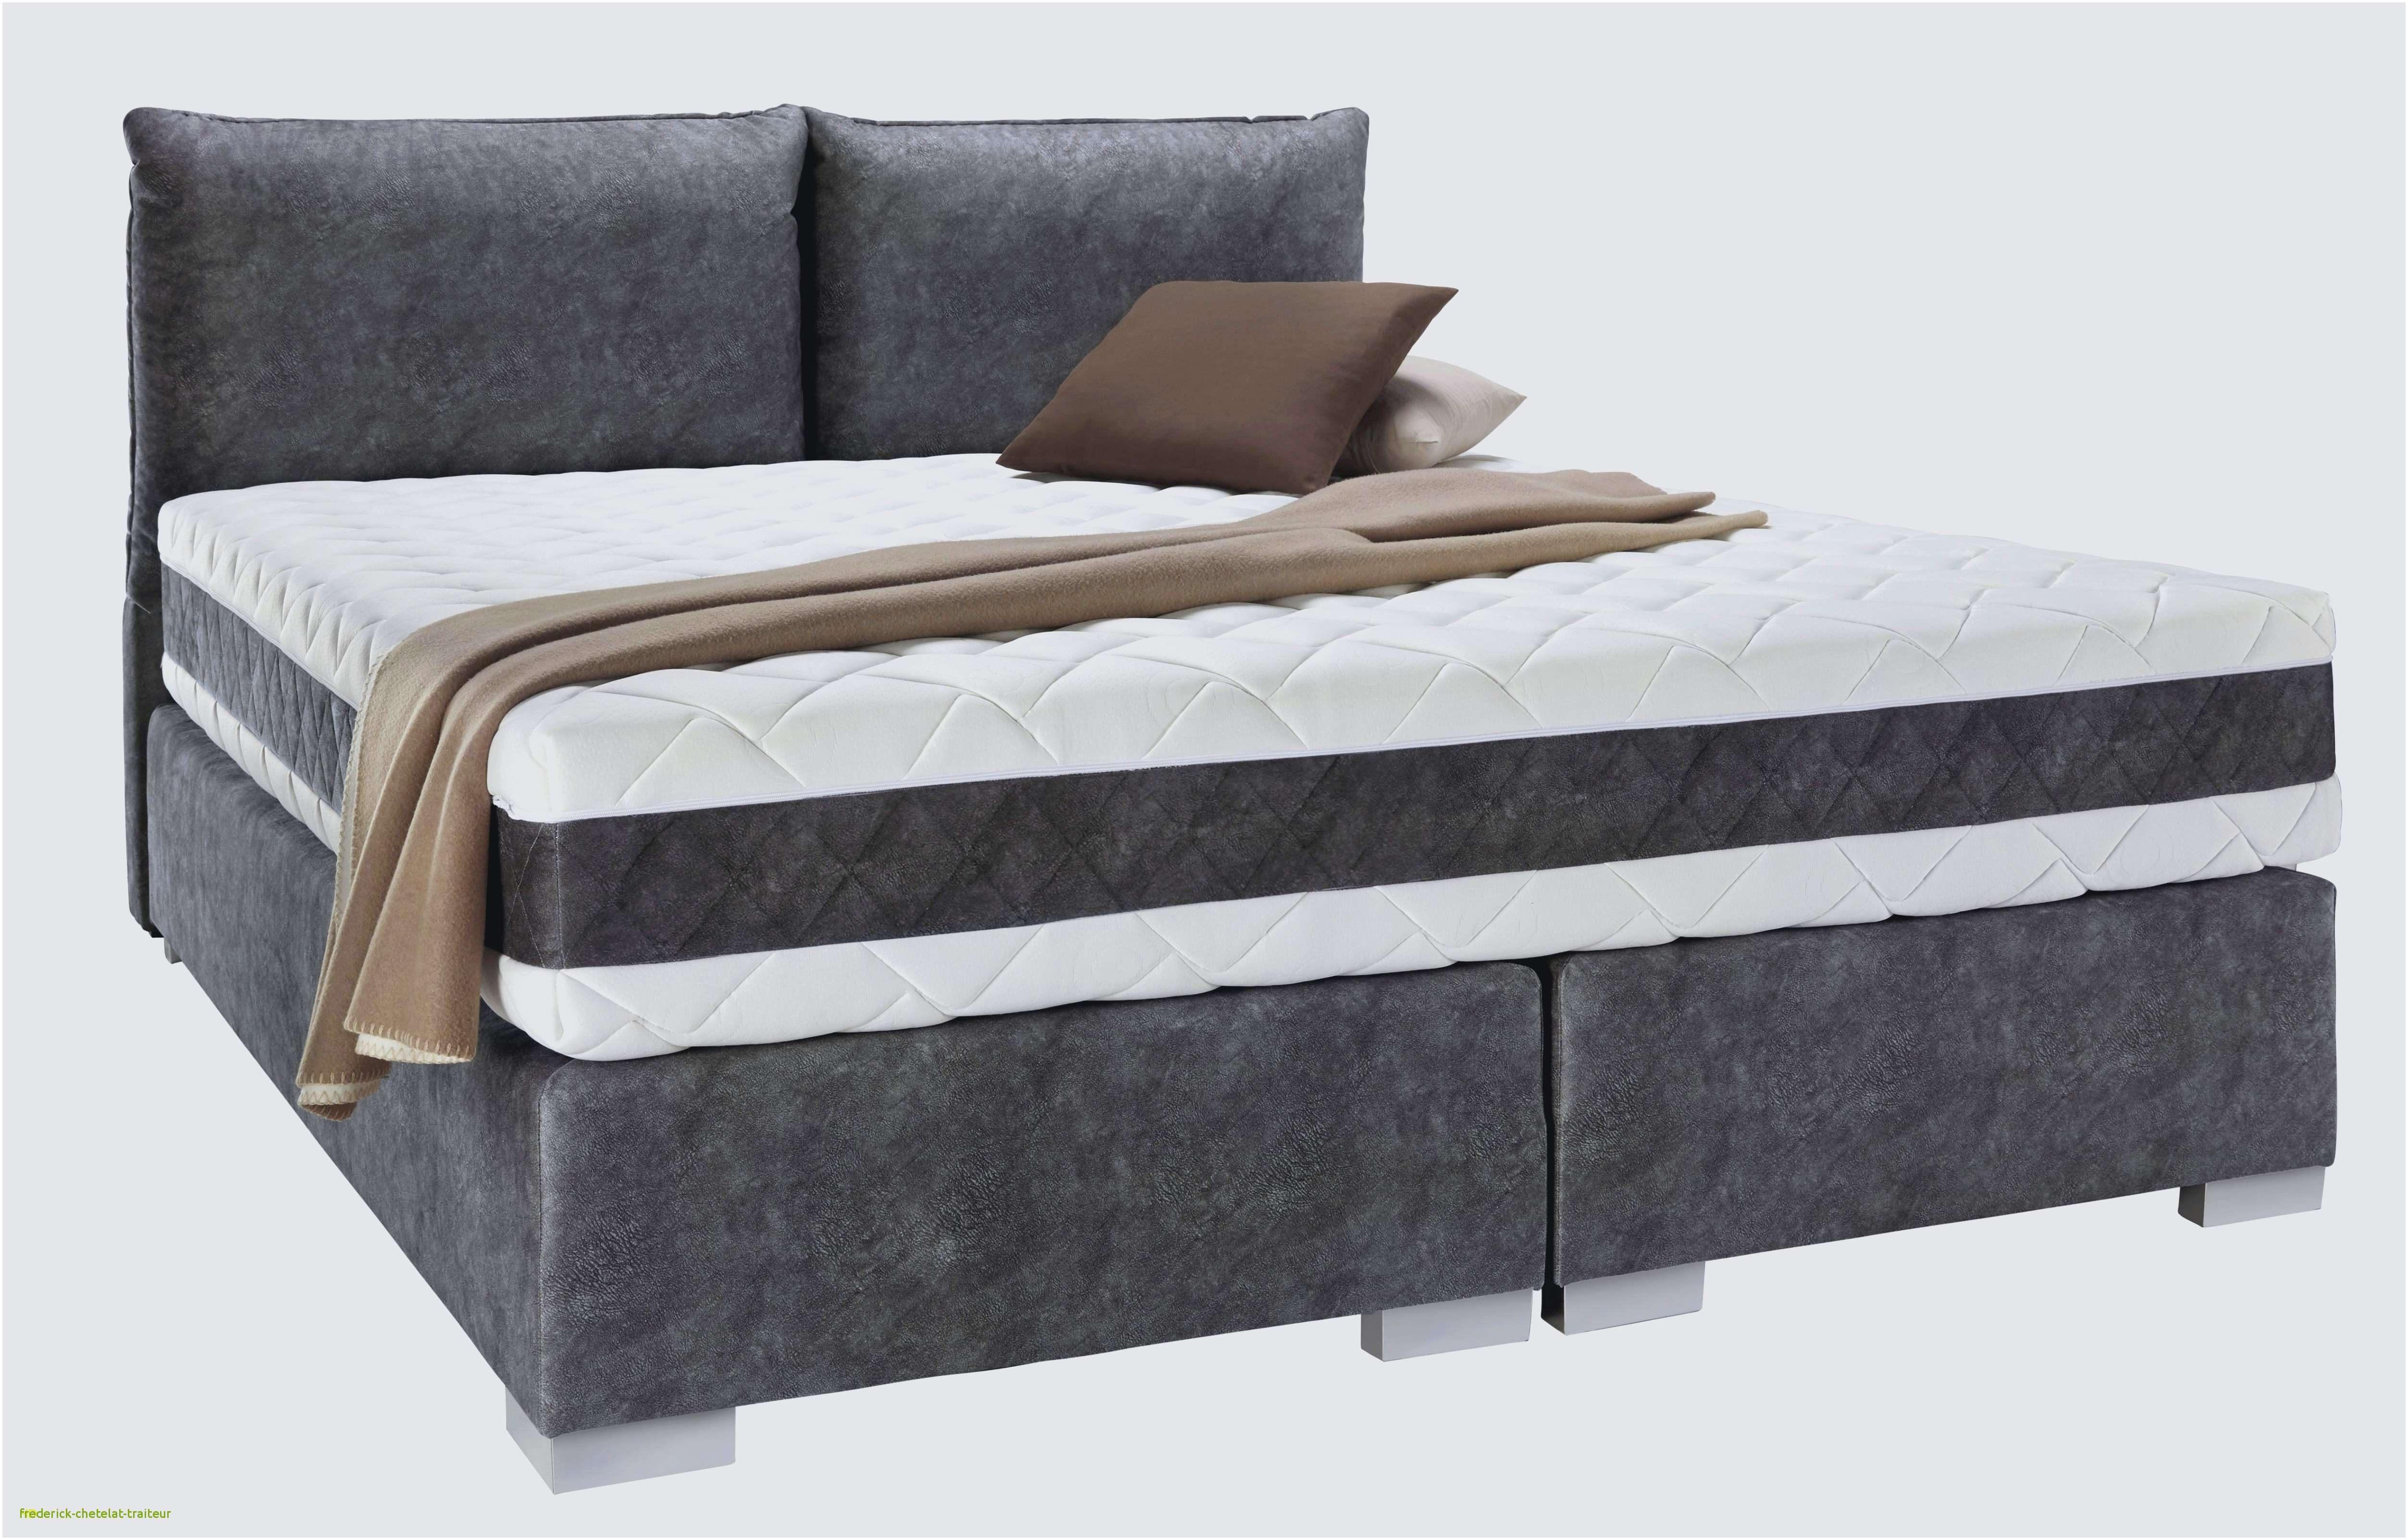 Verin Pour Lit Coffre Douce Inspiré sommier En Kit 140—190 Ikea Beau S Verin Lit Coffre Génial